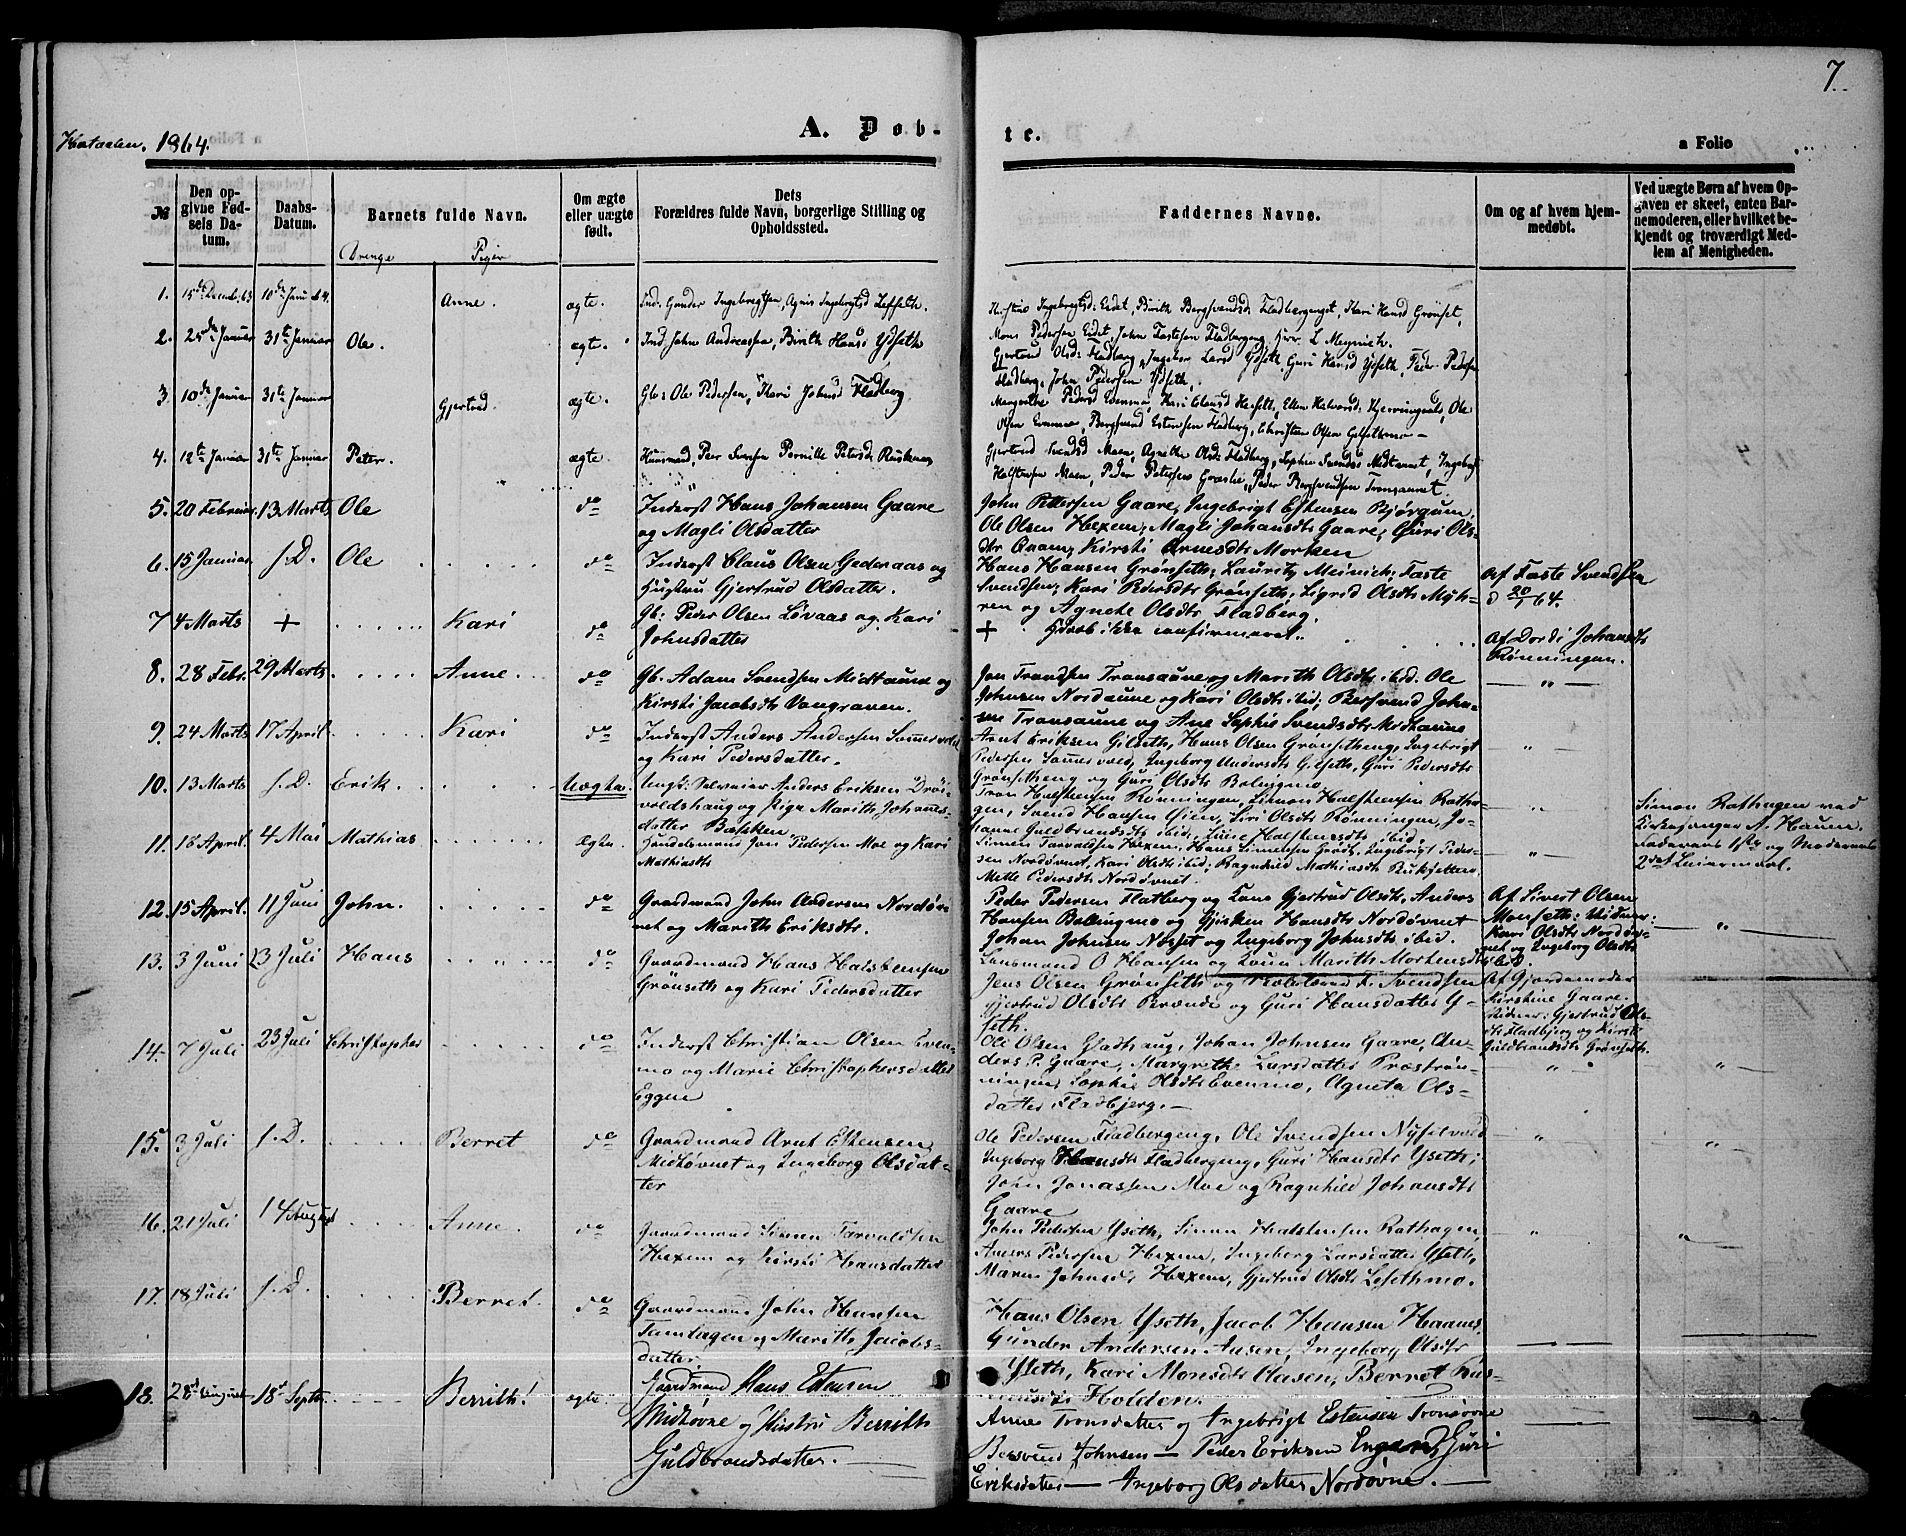 SAT, Ministerialprotokoller, klokkerbøker og fødselsregistre - Sør-Trøndelag, 685/L0966: Ministerialbok nr. 685A07 /1, 1860-1869, s. 7